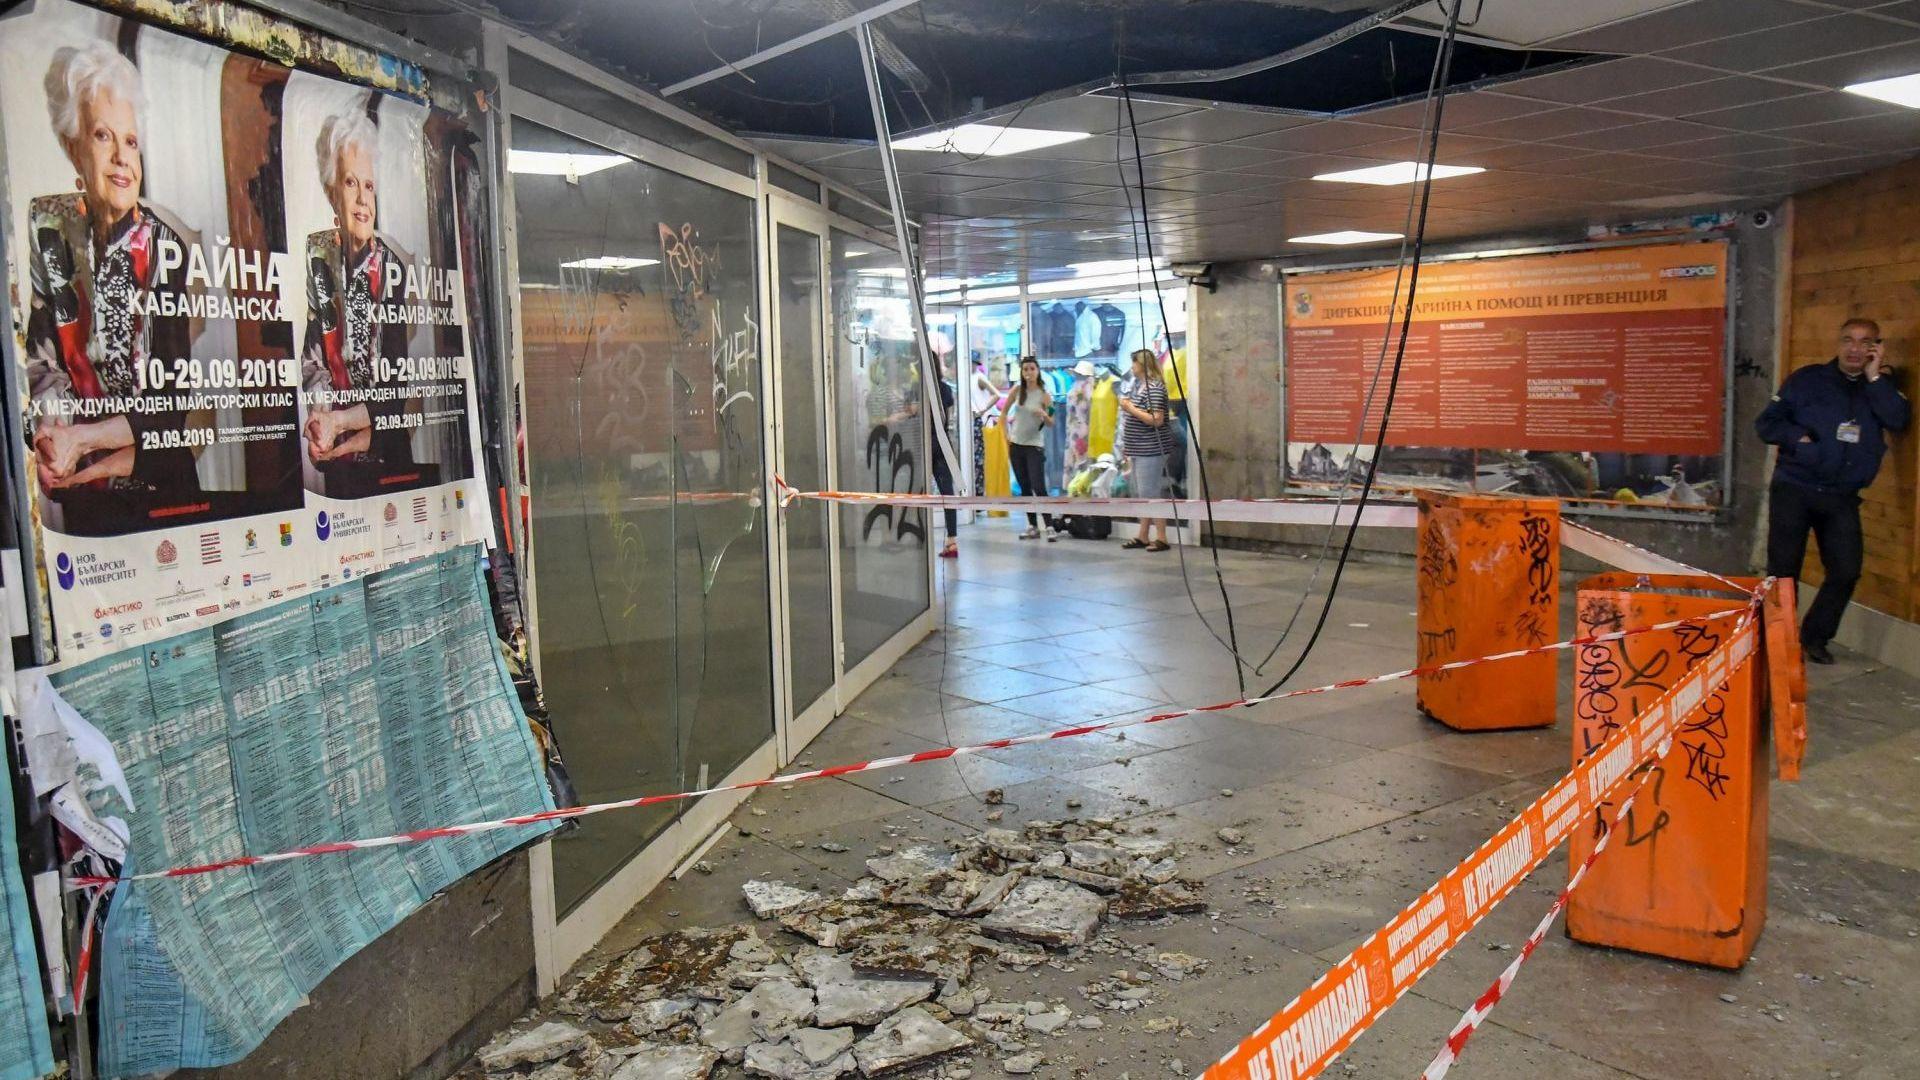 Бетонни късове се срутиха на сантиметри от жена в центъра на София (снимки)